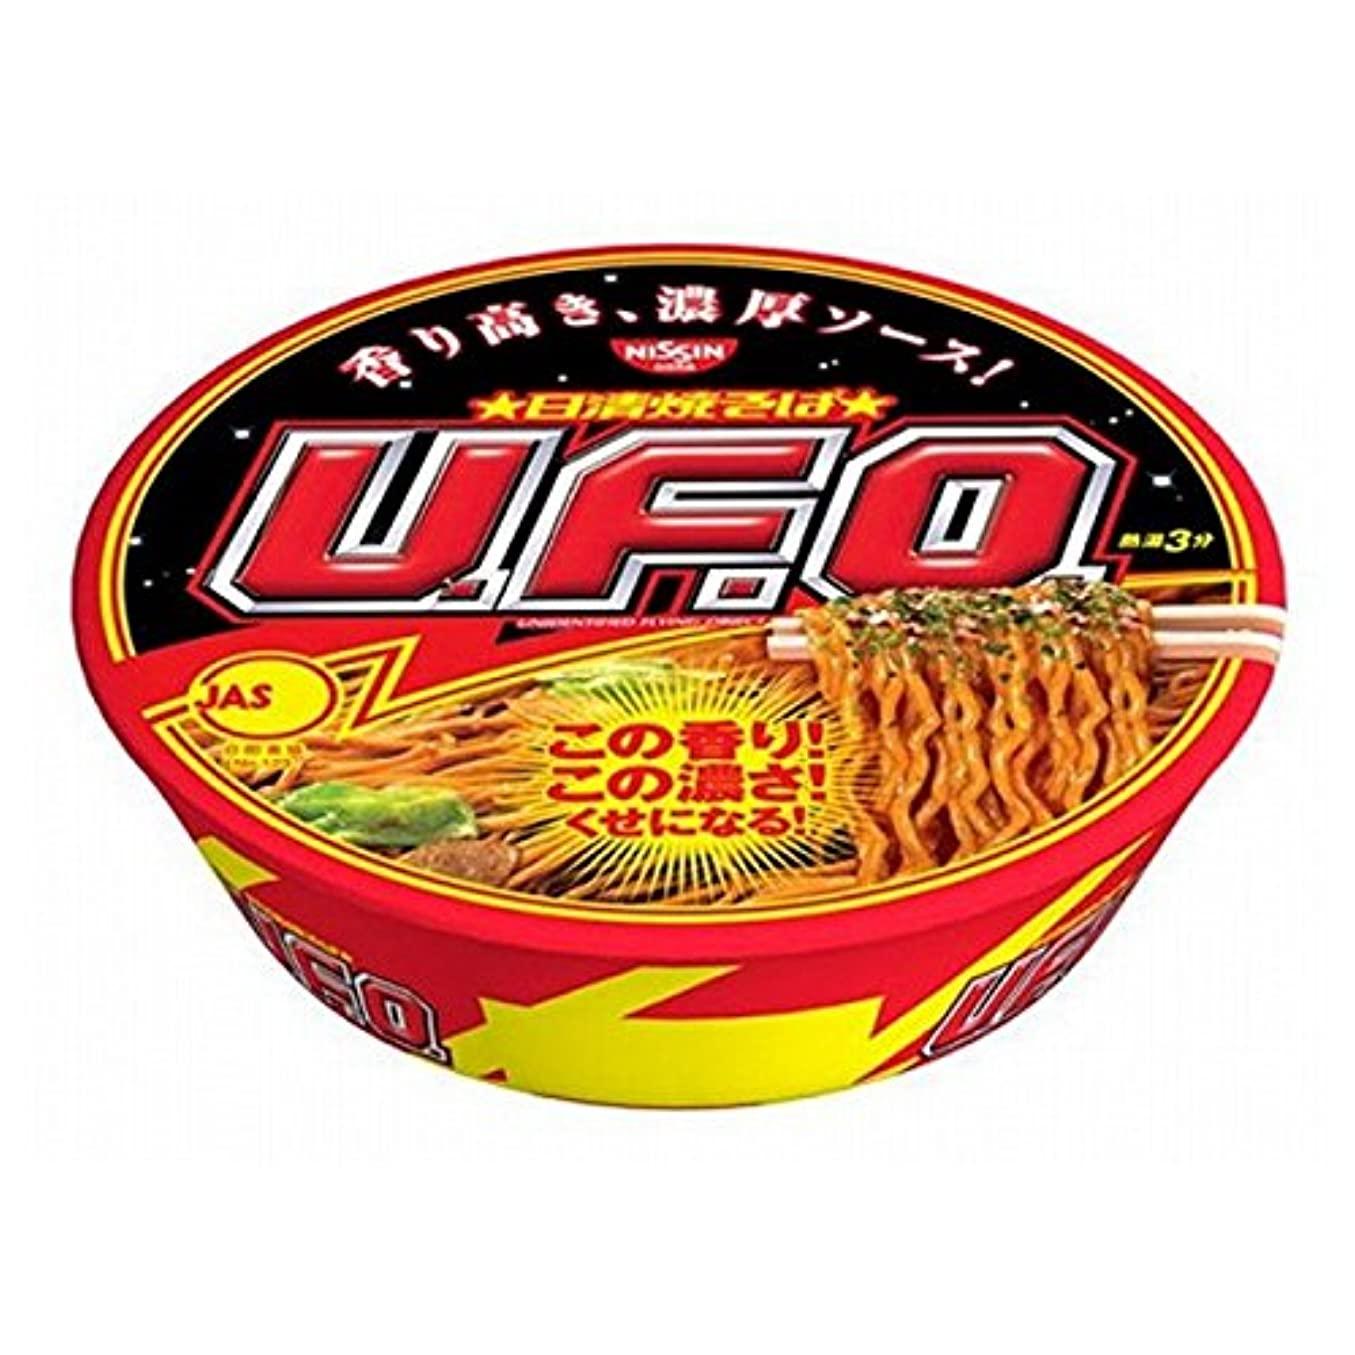 ペストリーローマ人無秩序(お徳用ボックス) 日清食品 焼そばUFO カップ×12個